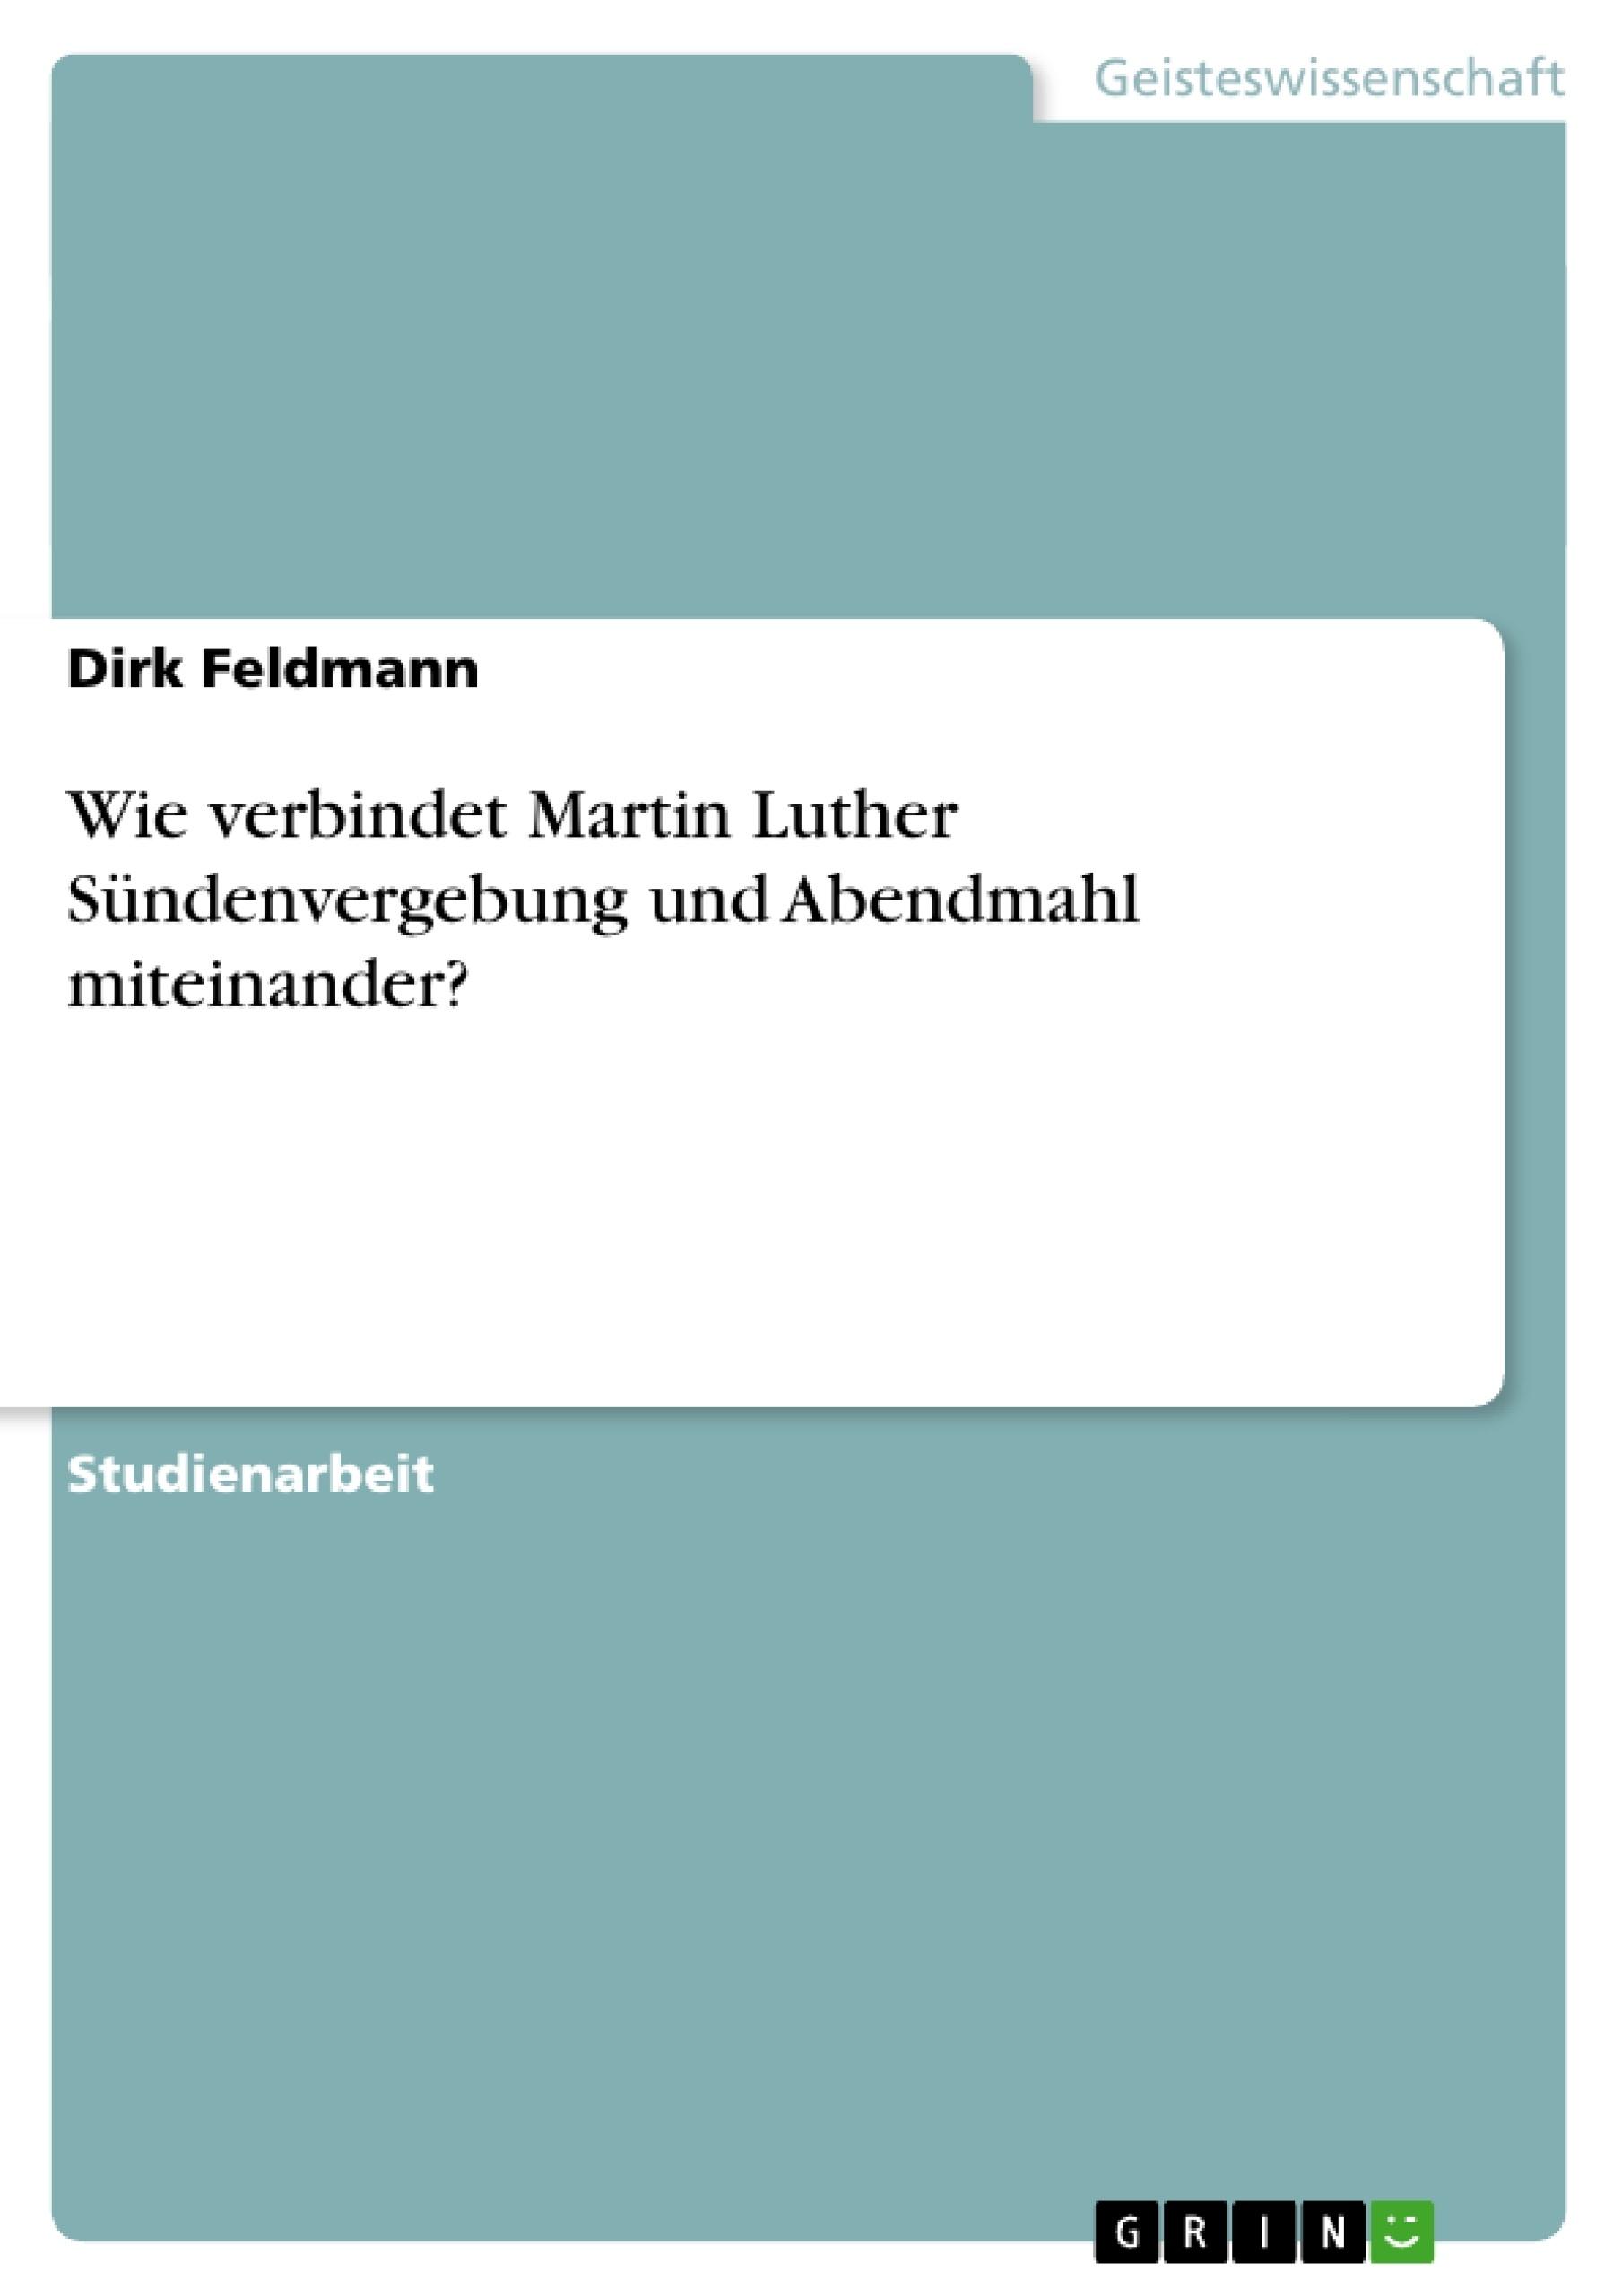 Titel: Wie verbindet Martin Luther Sündenvergebung und Abendmahl miteinander?